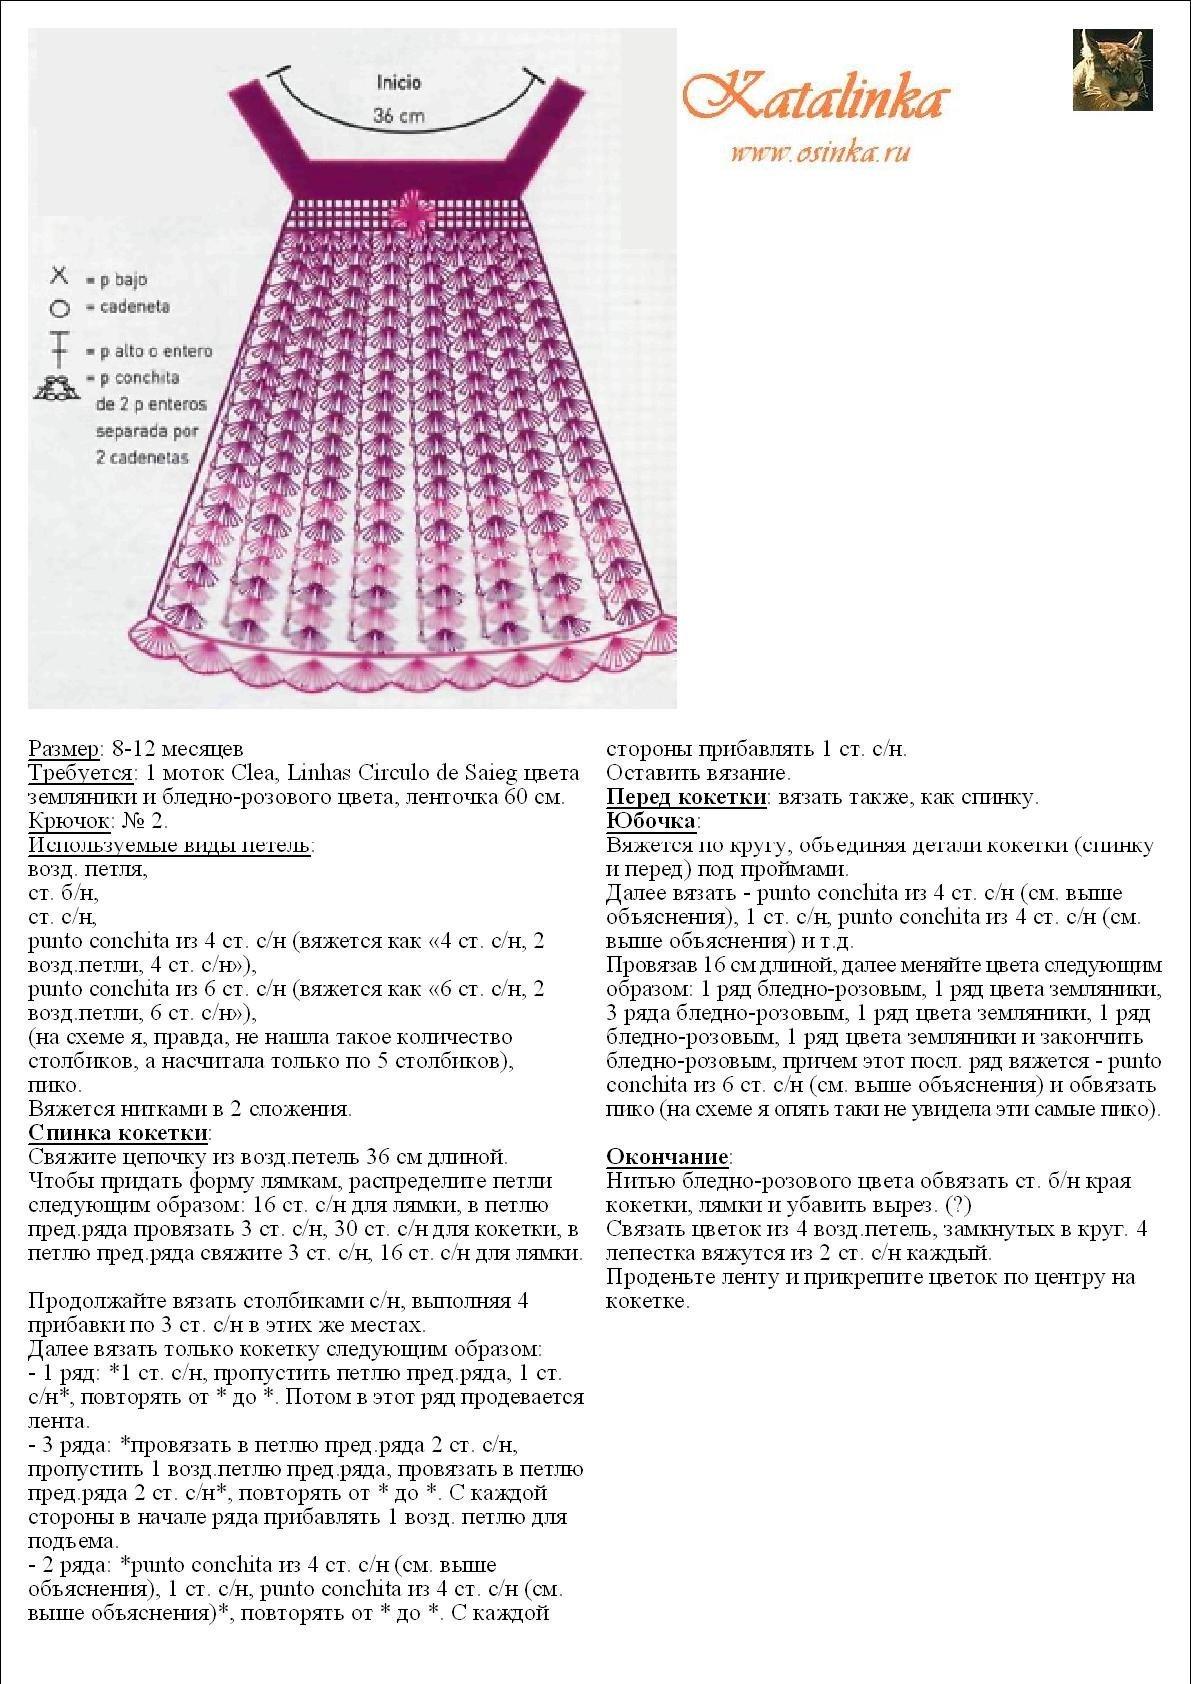 Детское платье вязать крючком схема и фото